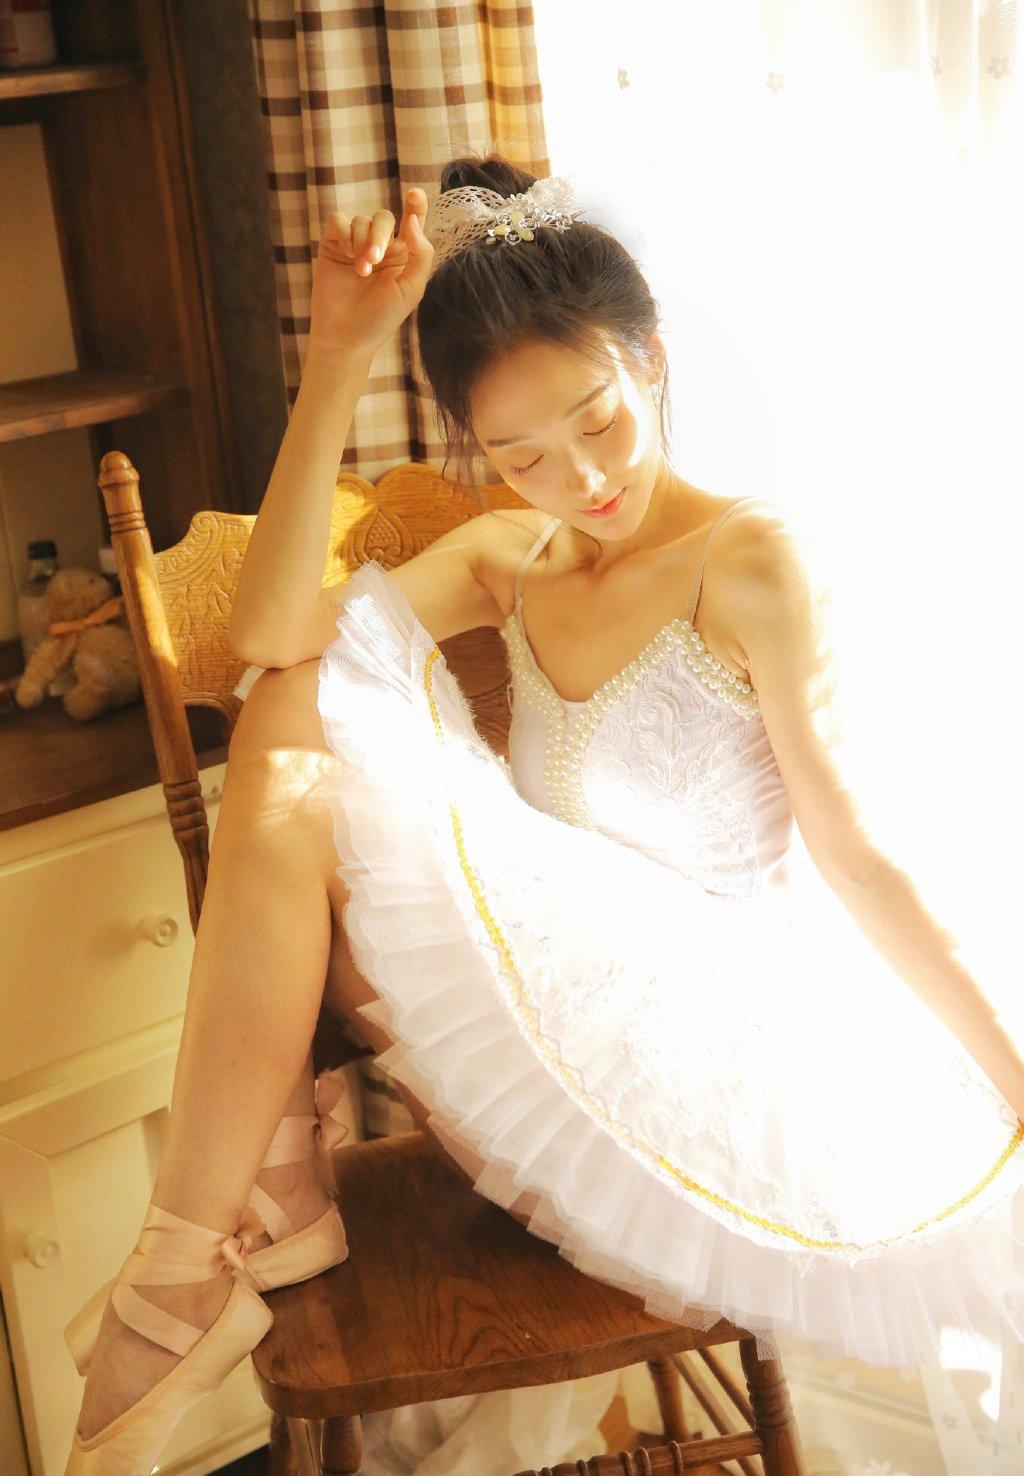 小蛮腰美女吊带长腿高挑性感写真